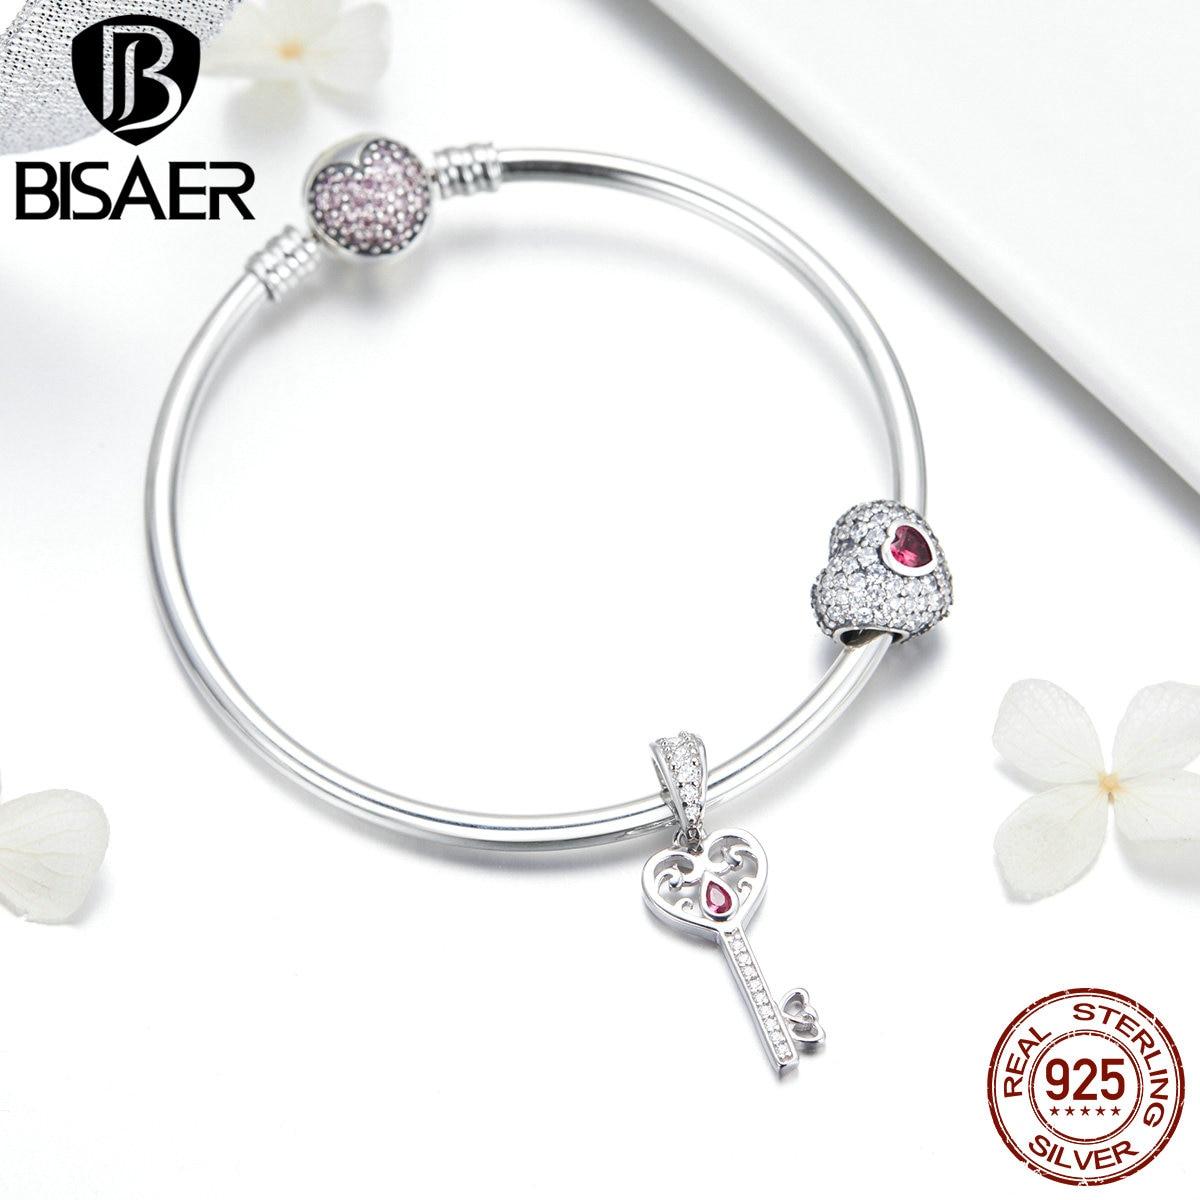 BISAER saint valentin cadeau 925 argent Sterling lumineux amour coeur clé coeur fermoir Bracelet Bracelet femmes argent 925 bijoux ECB817